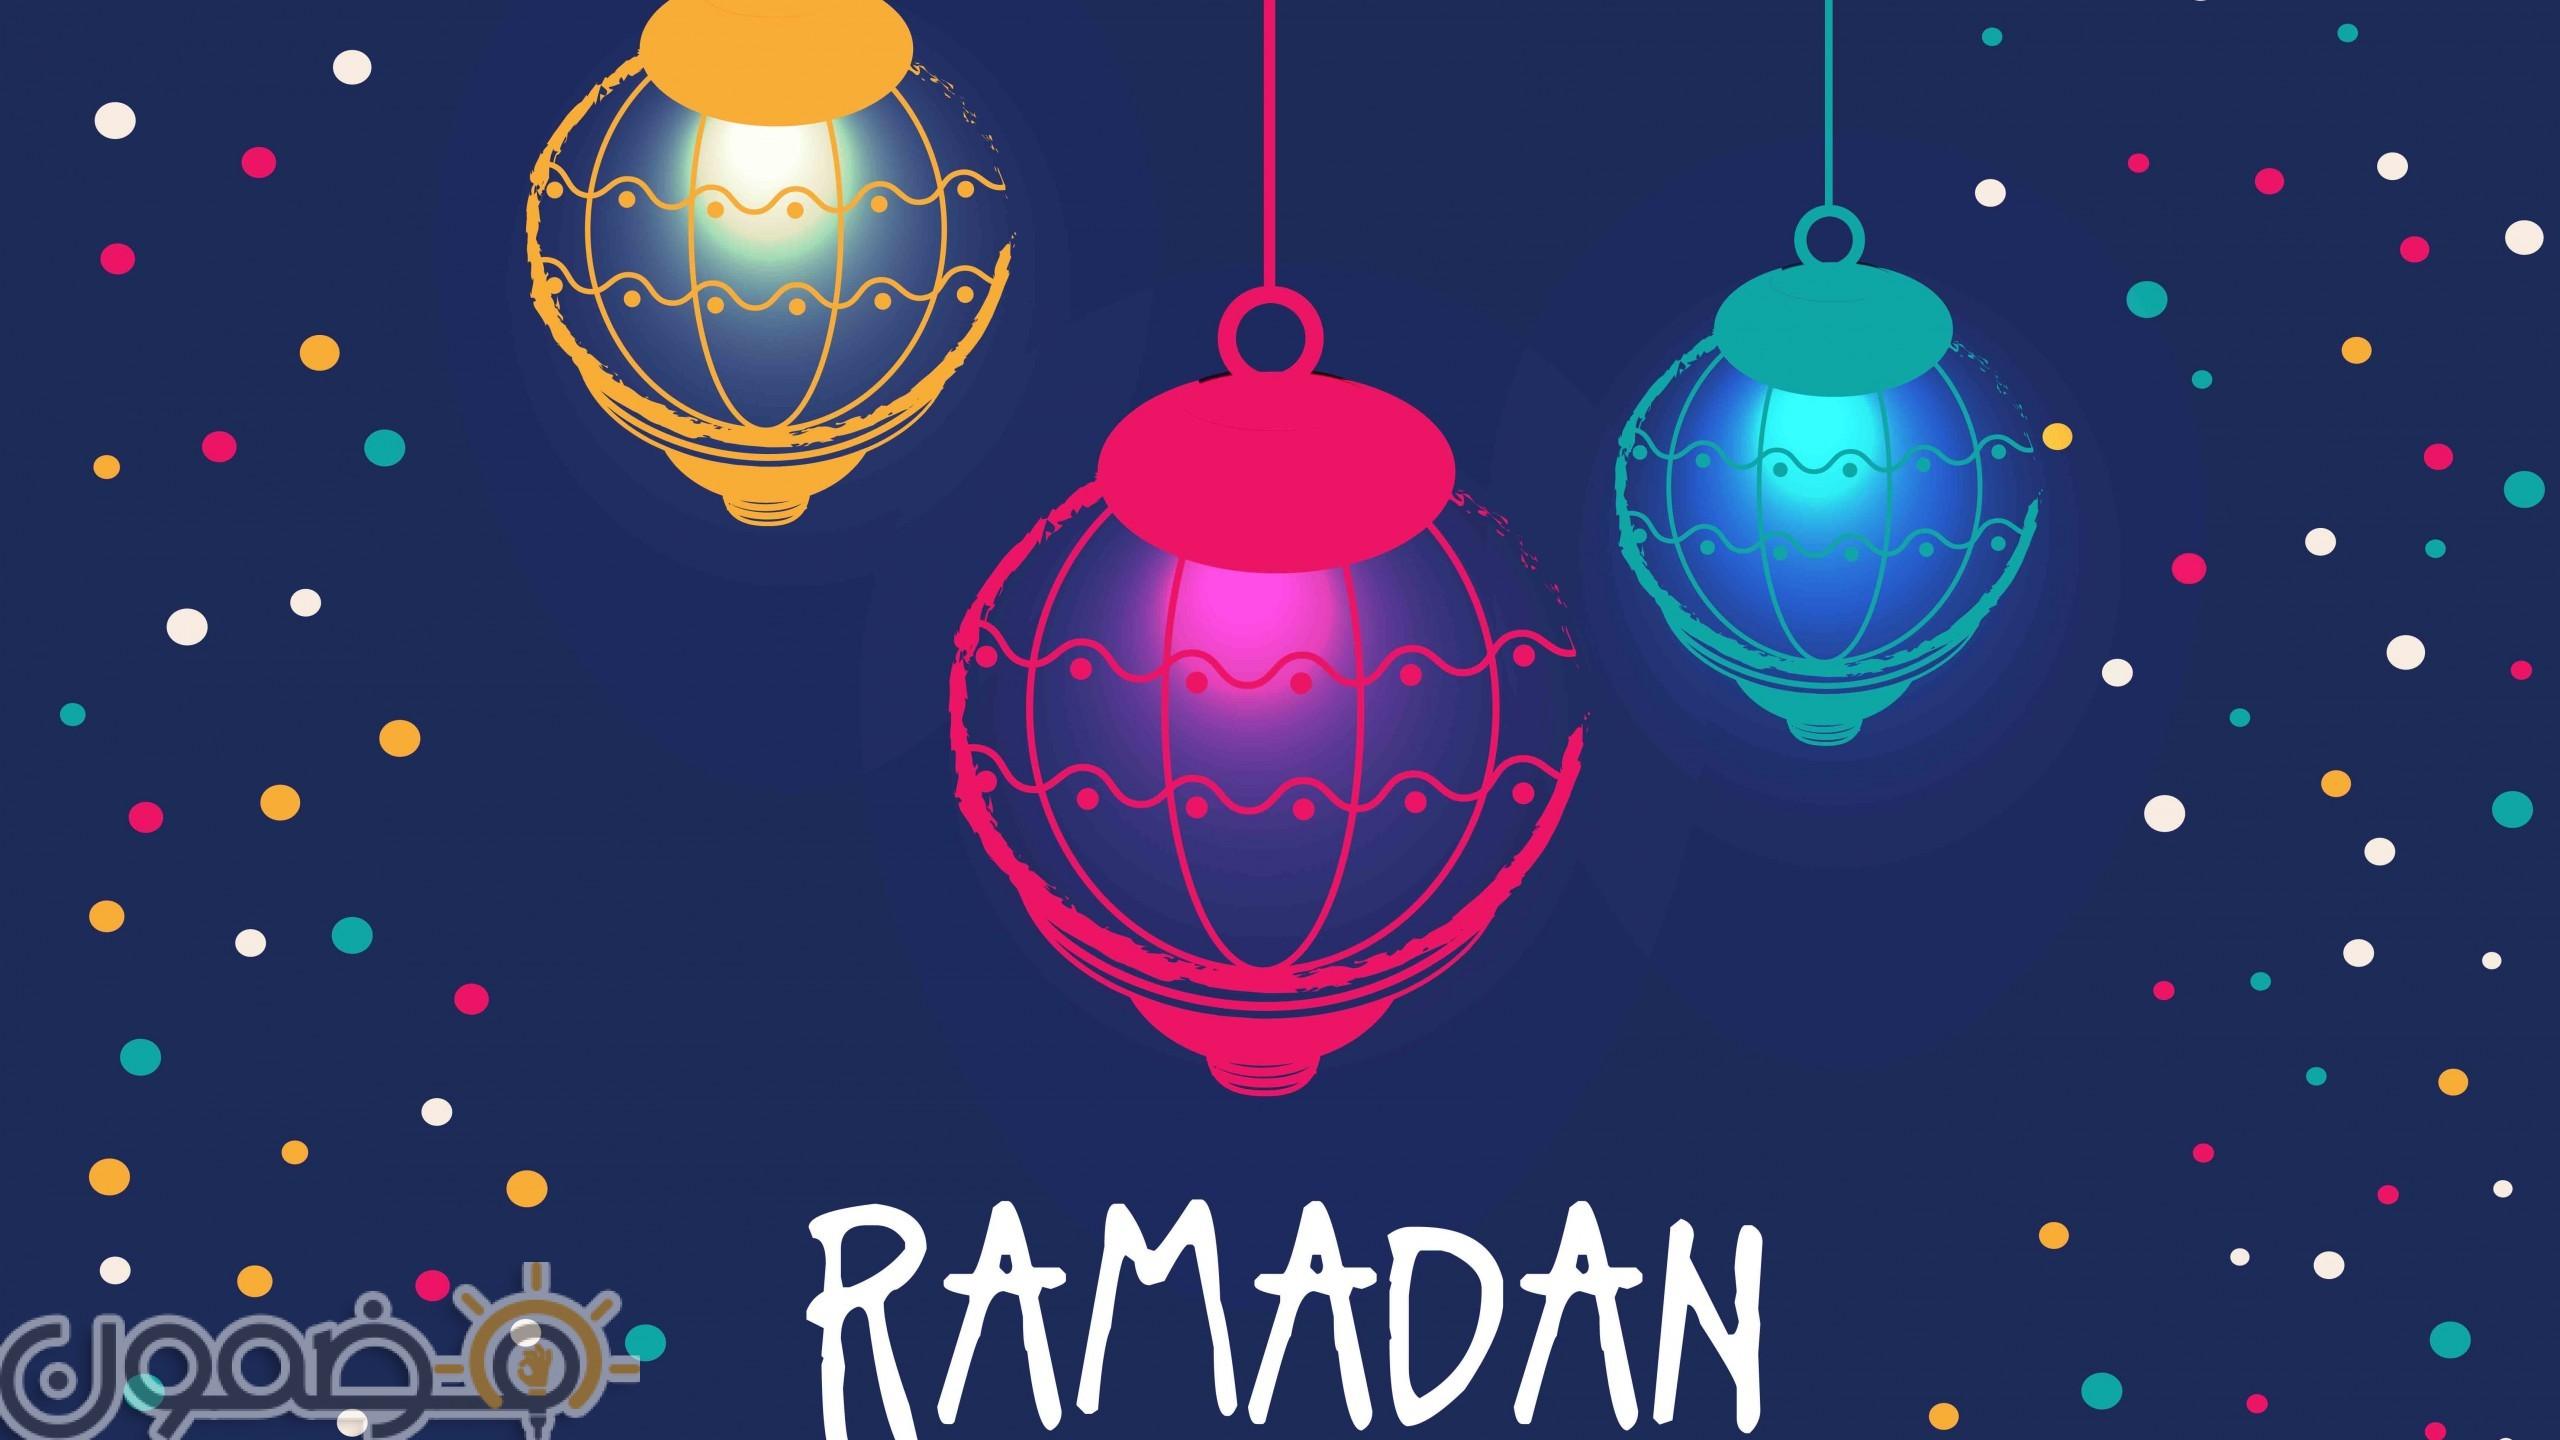 خلفيات رمضان للتصميم 3 خلفيات رمضان للتصميم اجمل صور رمضانية